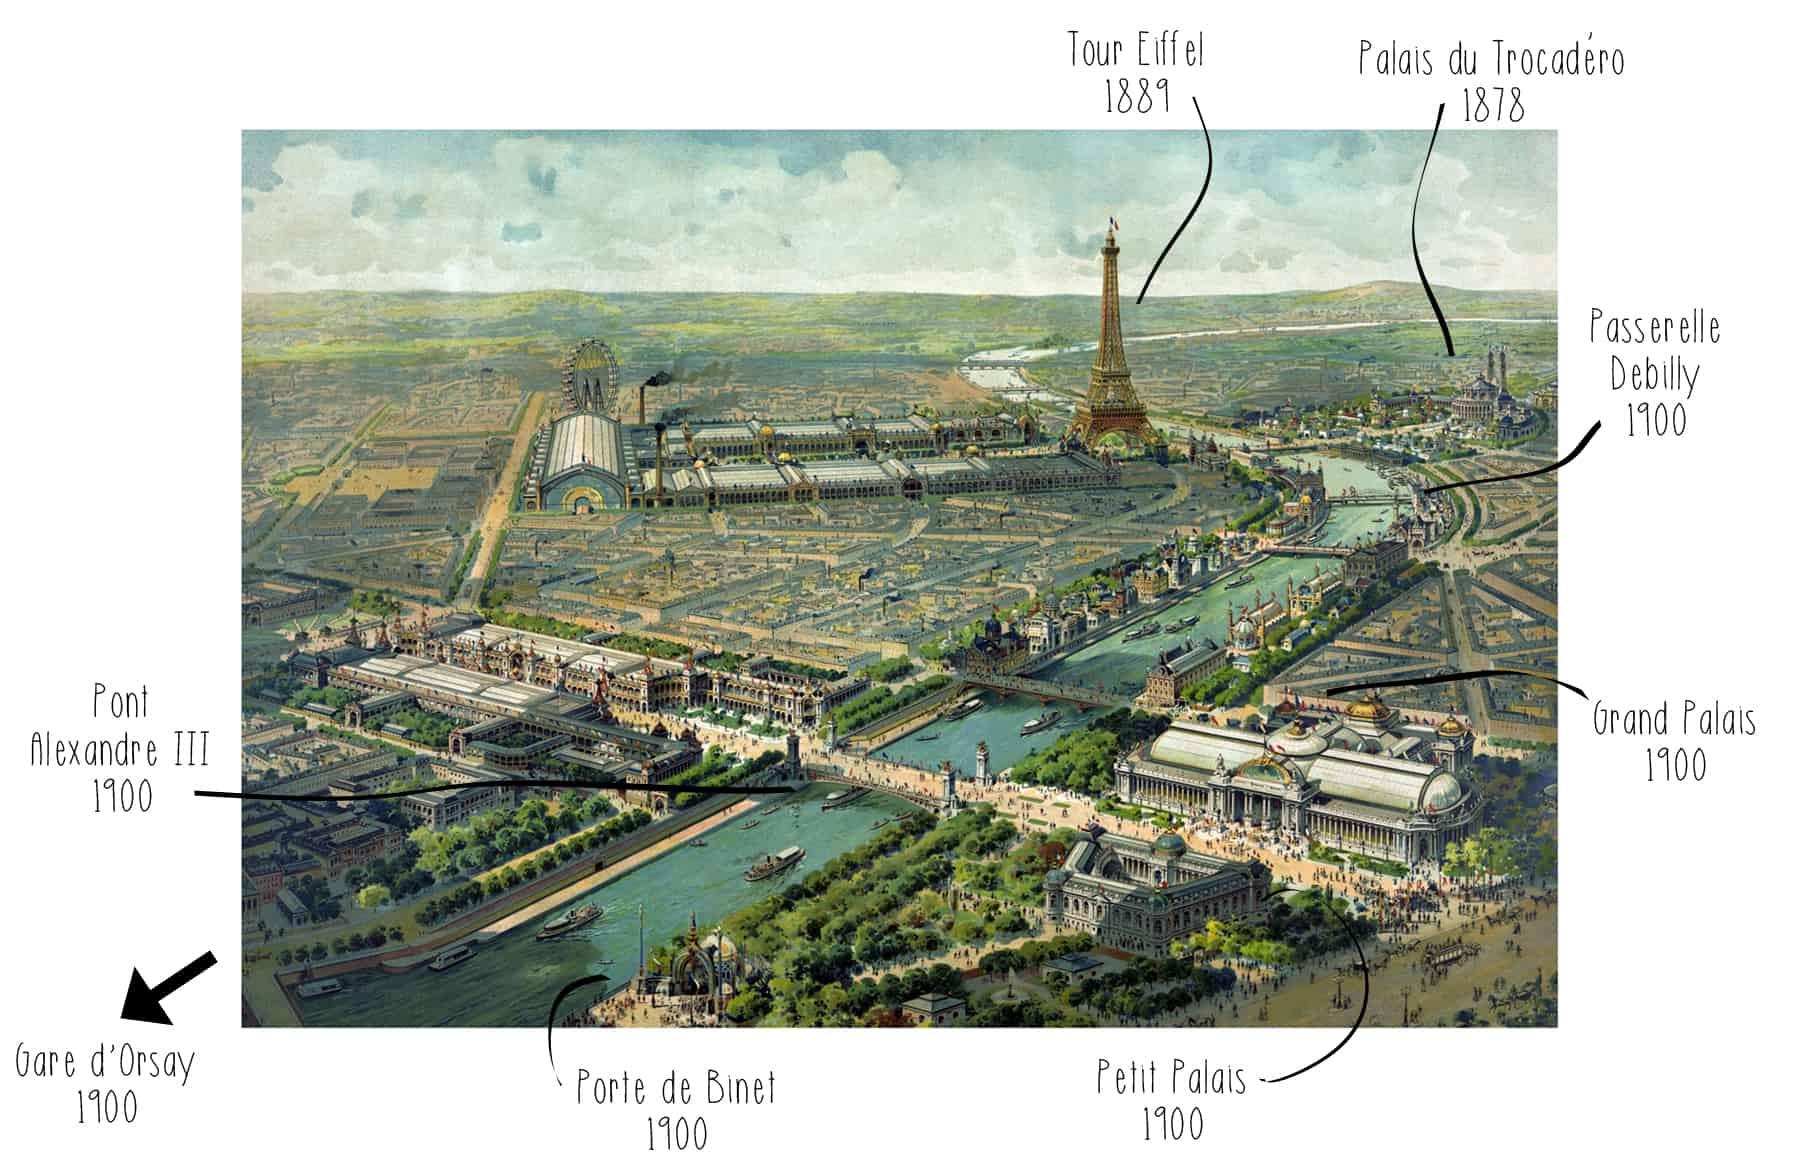 Vue panoramique exposition universelle 1900 Paris, expositions universelles 2015